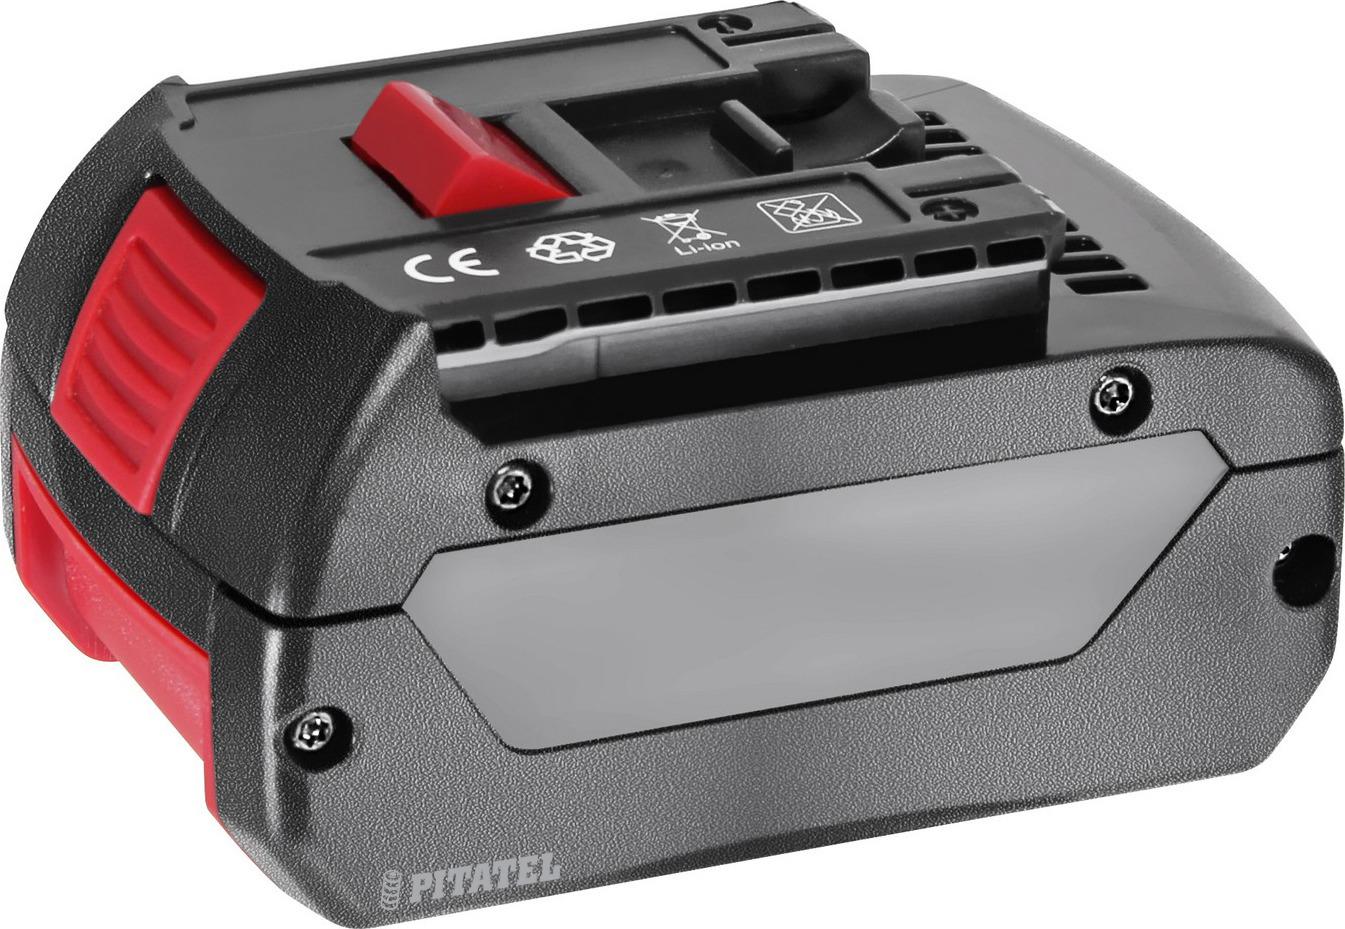 Аккумулятор для инструмента Pitatel для BOSCH. TSB-144-BOS18B-30L набор bosch гайковерт gdr 18 v li 0 601 9a1 30l ящик l boxx mini 1 600 a00 7sf